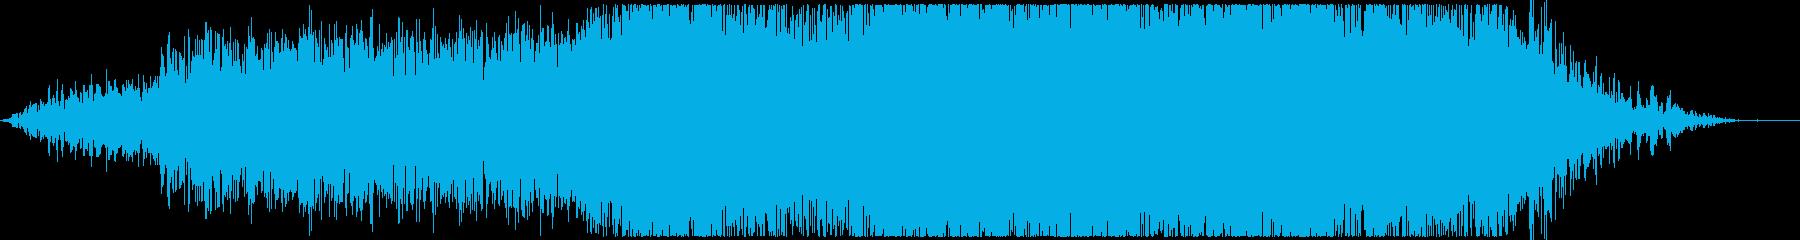 地震、外部:重度の衝突、自然災害嵐...の再生済みの波形